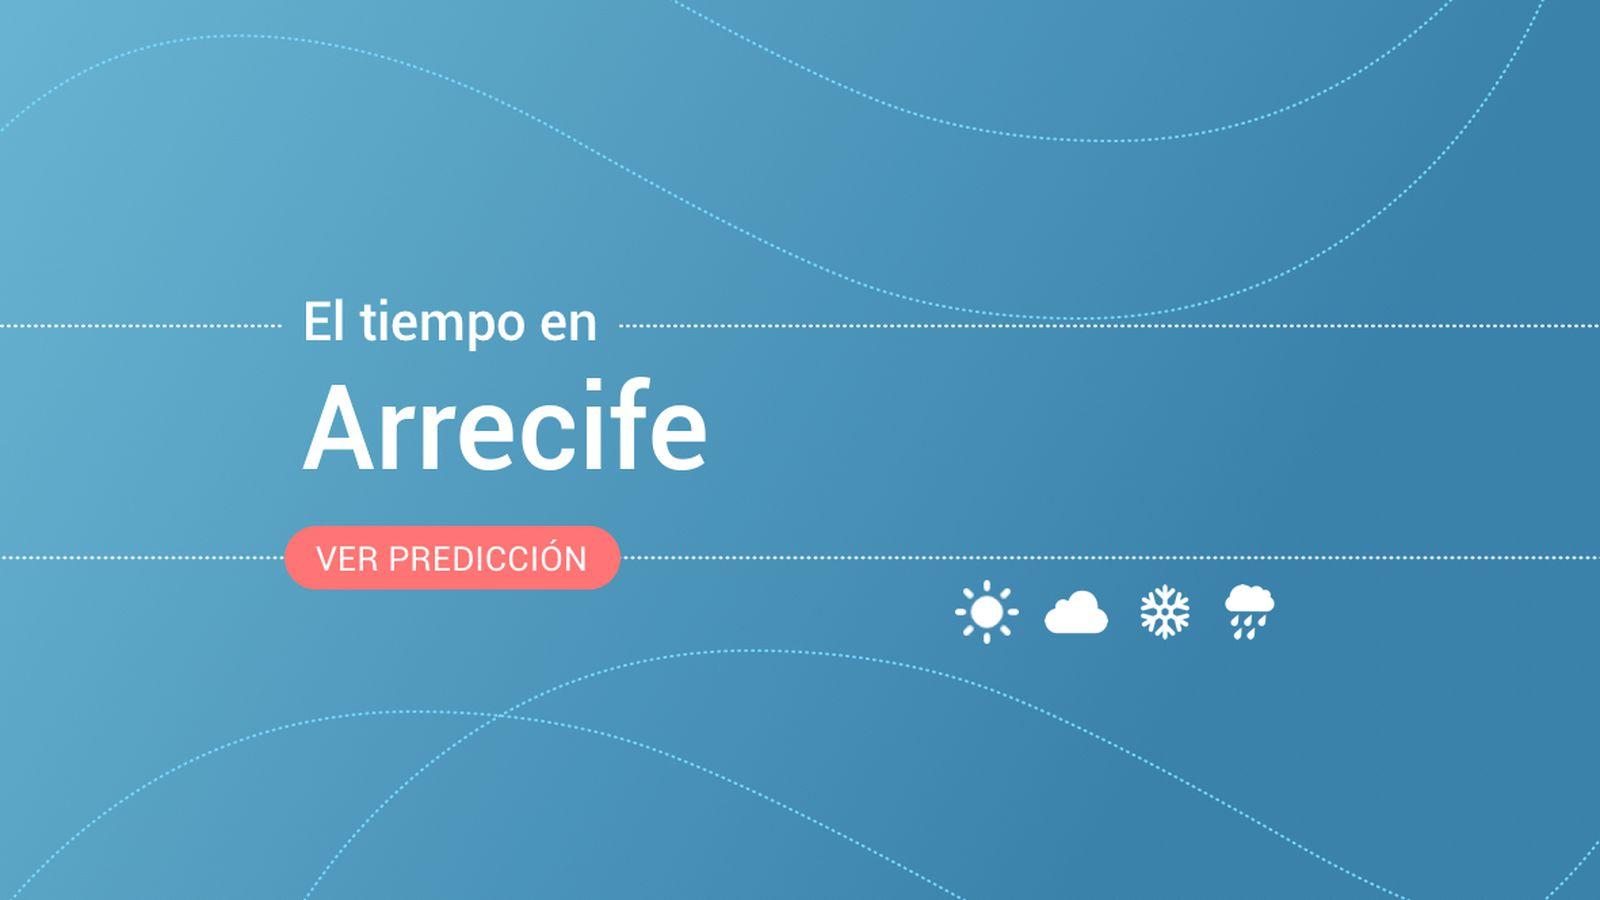 Foto: El tiempo en Arrecife. (EC)